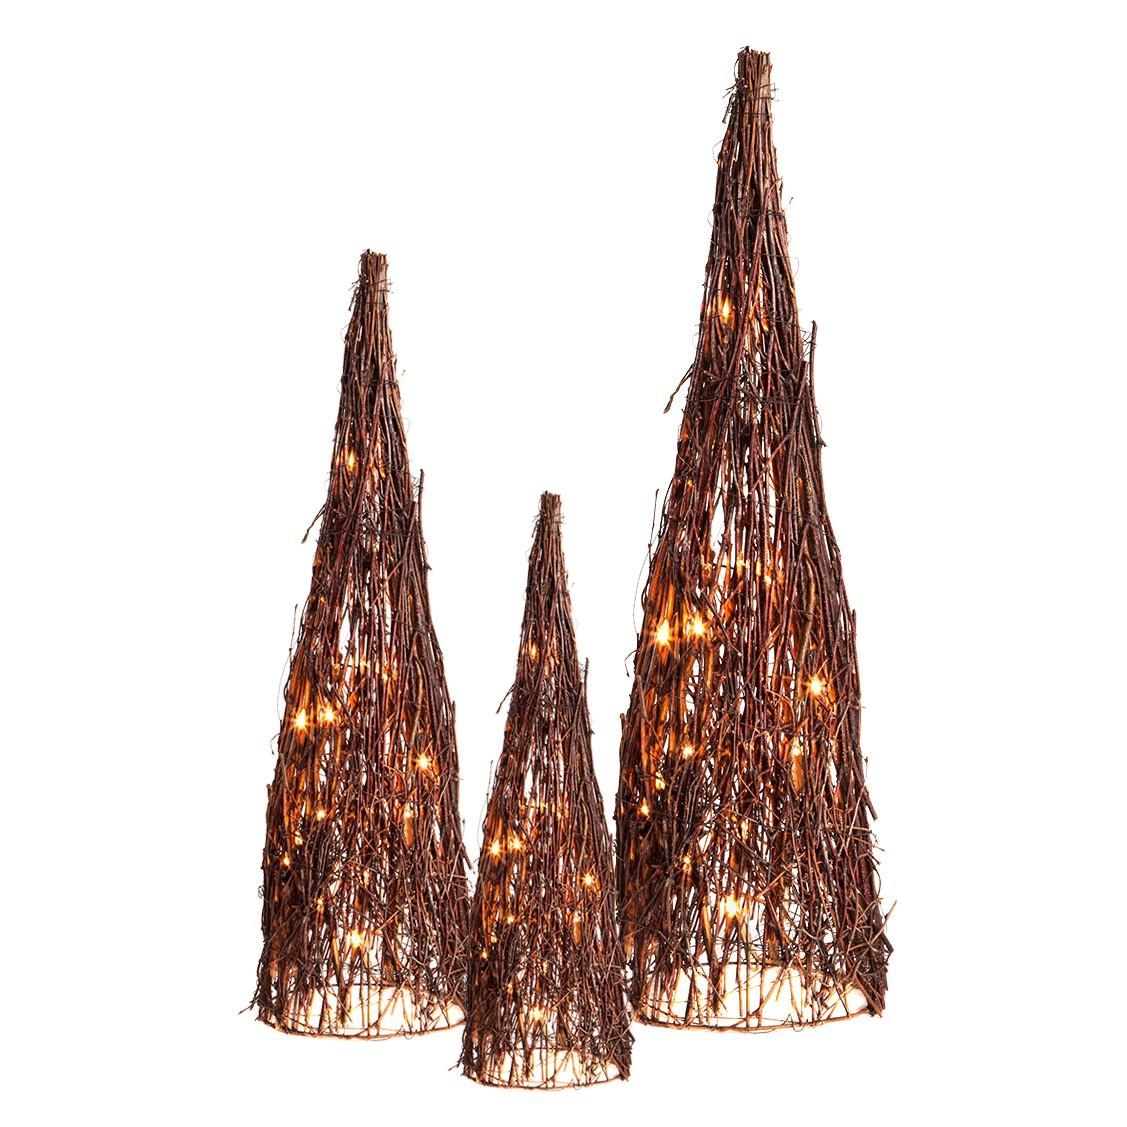 Lichtjesboom Ellie - 3-delige set berkenhout bruin, Home24 Deko